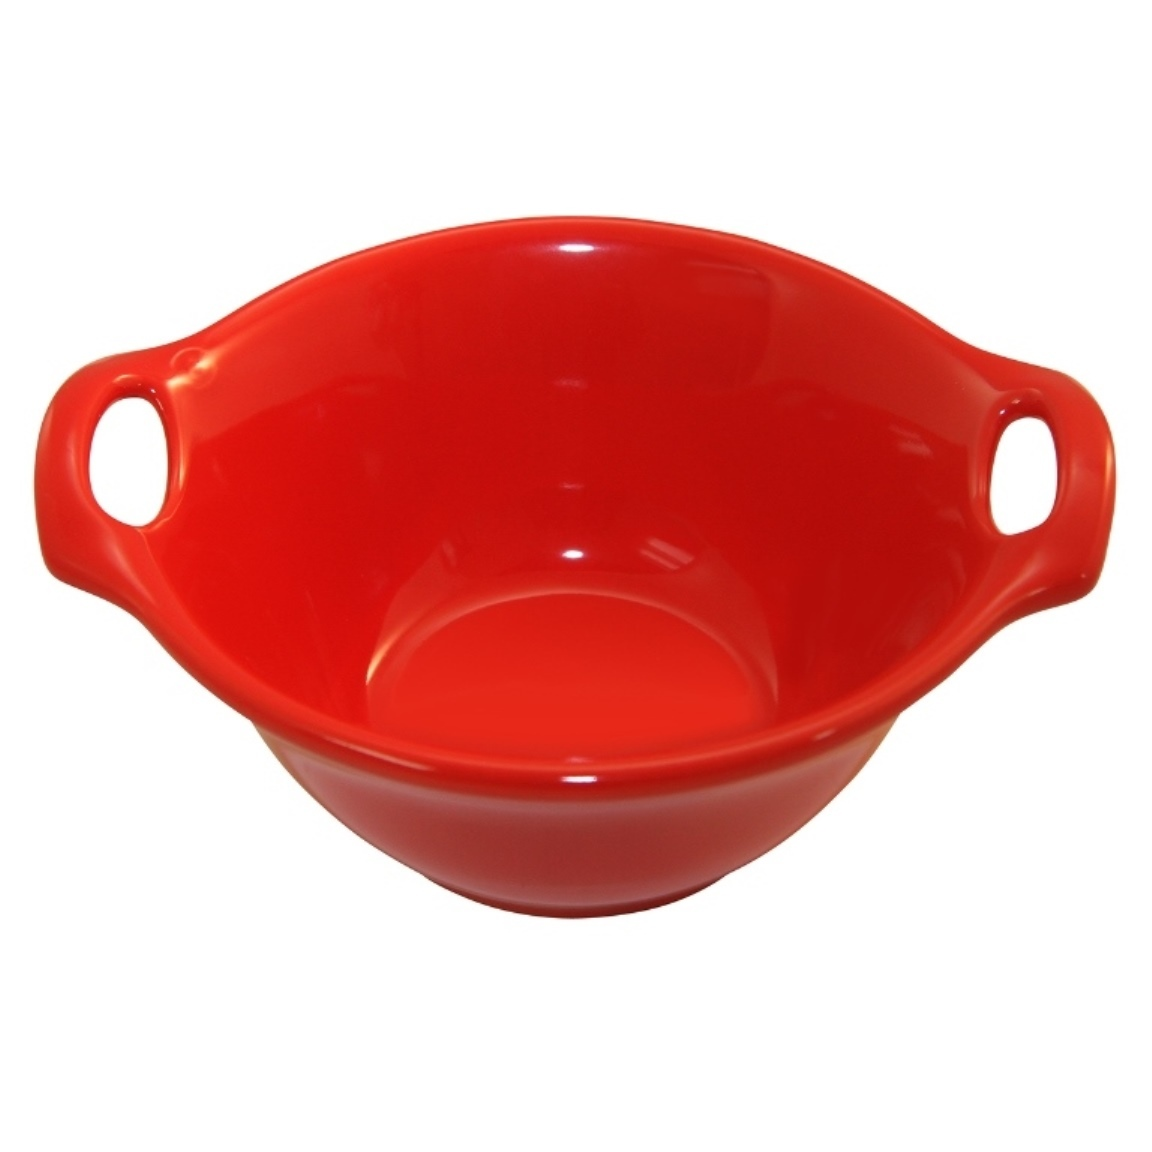 Салатник 1,6 л Appolia Harmonie POPPY RED 223525503Салатницы<br>Салатник 1,6 л Appolia Harmonie POPPY RED 223525503<br><br>Одна из новейших коллекций Harmonie выполнена в современном стиле. 7 модных цветов. Выполненная из Eco-пасты Ceram , как и другие коллекции, он предлагает много возможностей. В ней можно запекать разнообразные блюда, а так же использовать при сервировке, подавая готовый кулинарный шедевр сразу на обеденный стол. Закругленные углы облегчают чистку. Легко использовать. Большие удобные ручки. Прочная жароустойчивая керамика экологична и изготавливается из высококачественной глины. Прочная глазурь устойчива к растрескиванию и сколам, не содержит свинца и кадмия. Глина обеспечивает медленный и равномерный нагрев, деликатное приготовление с сохранением всех питательных веществ и витаминов, а та же долго сохраняет тепло, что удобно при сервировке горячих блюд.<br>